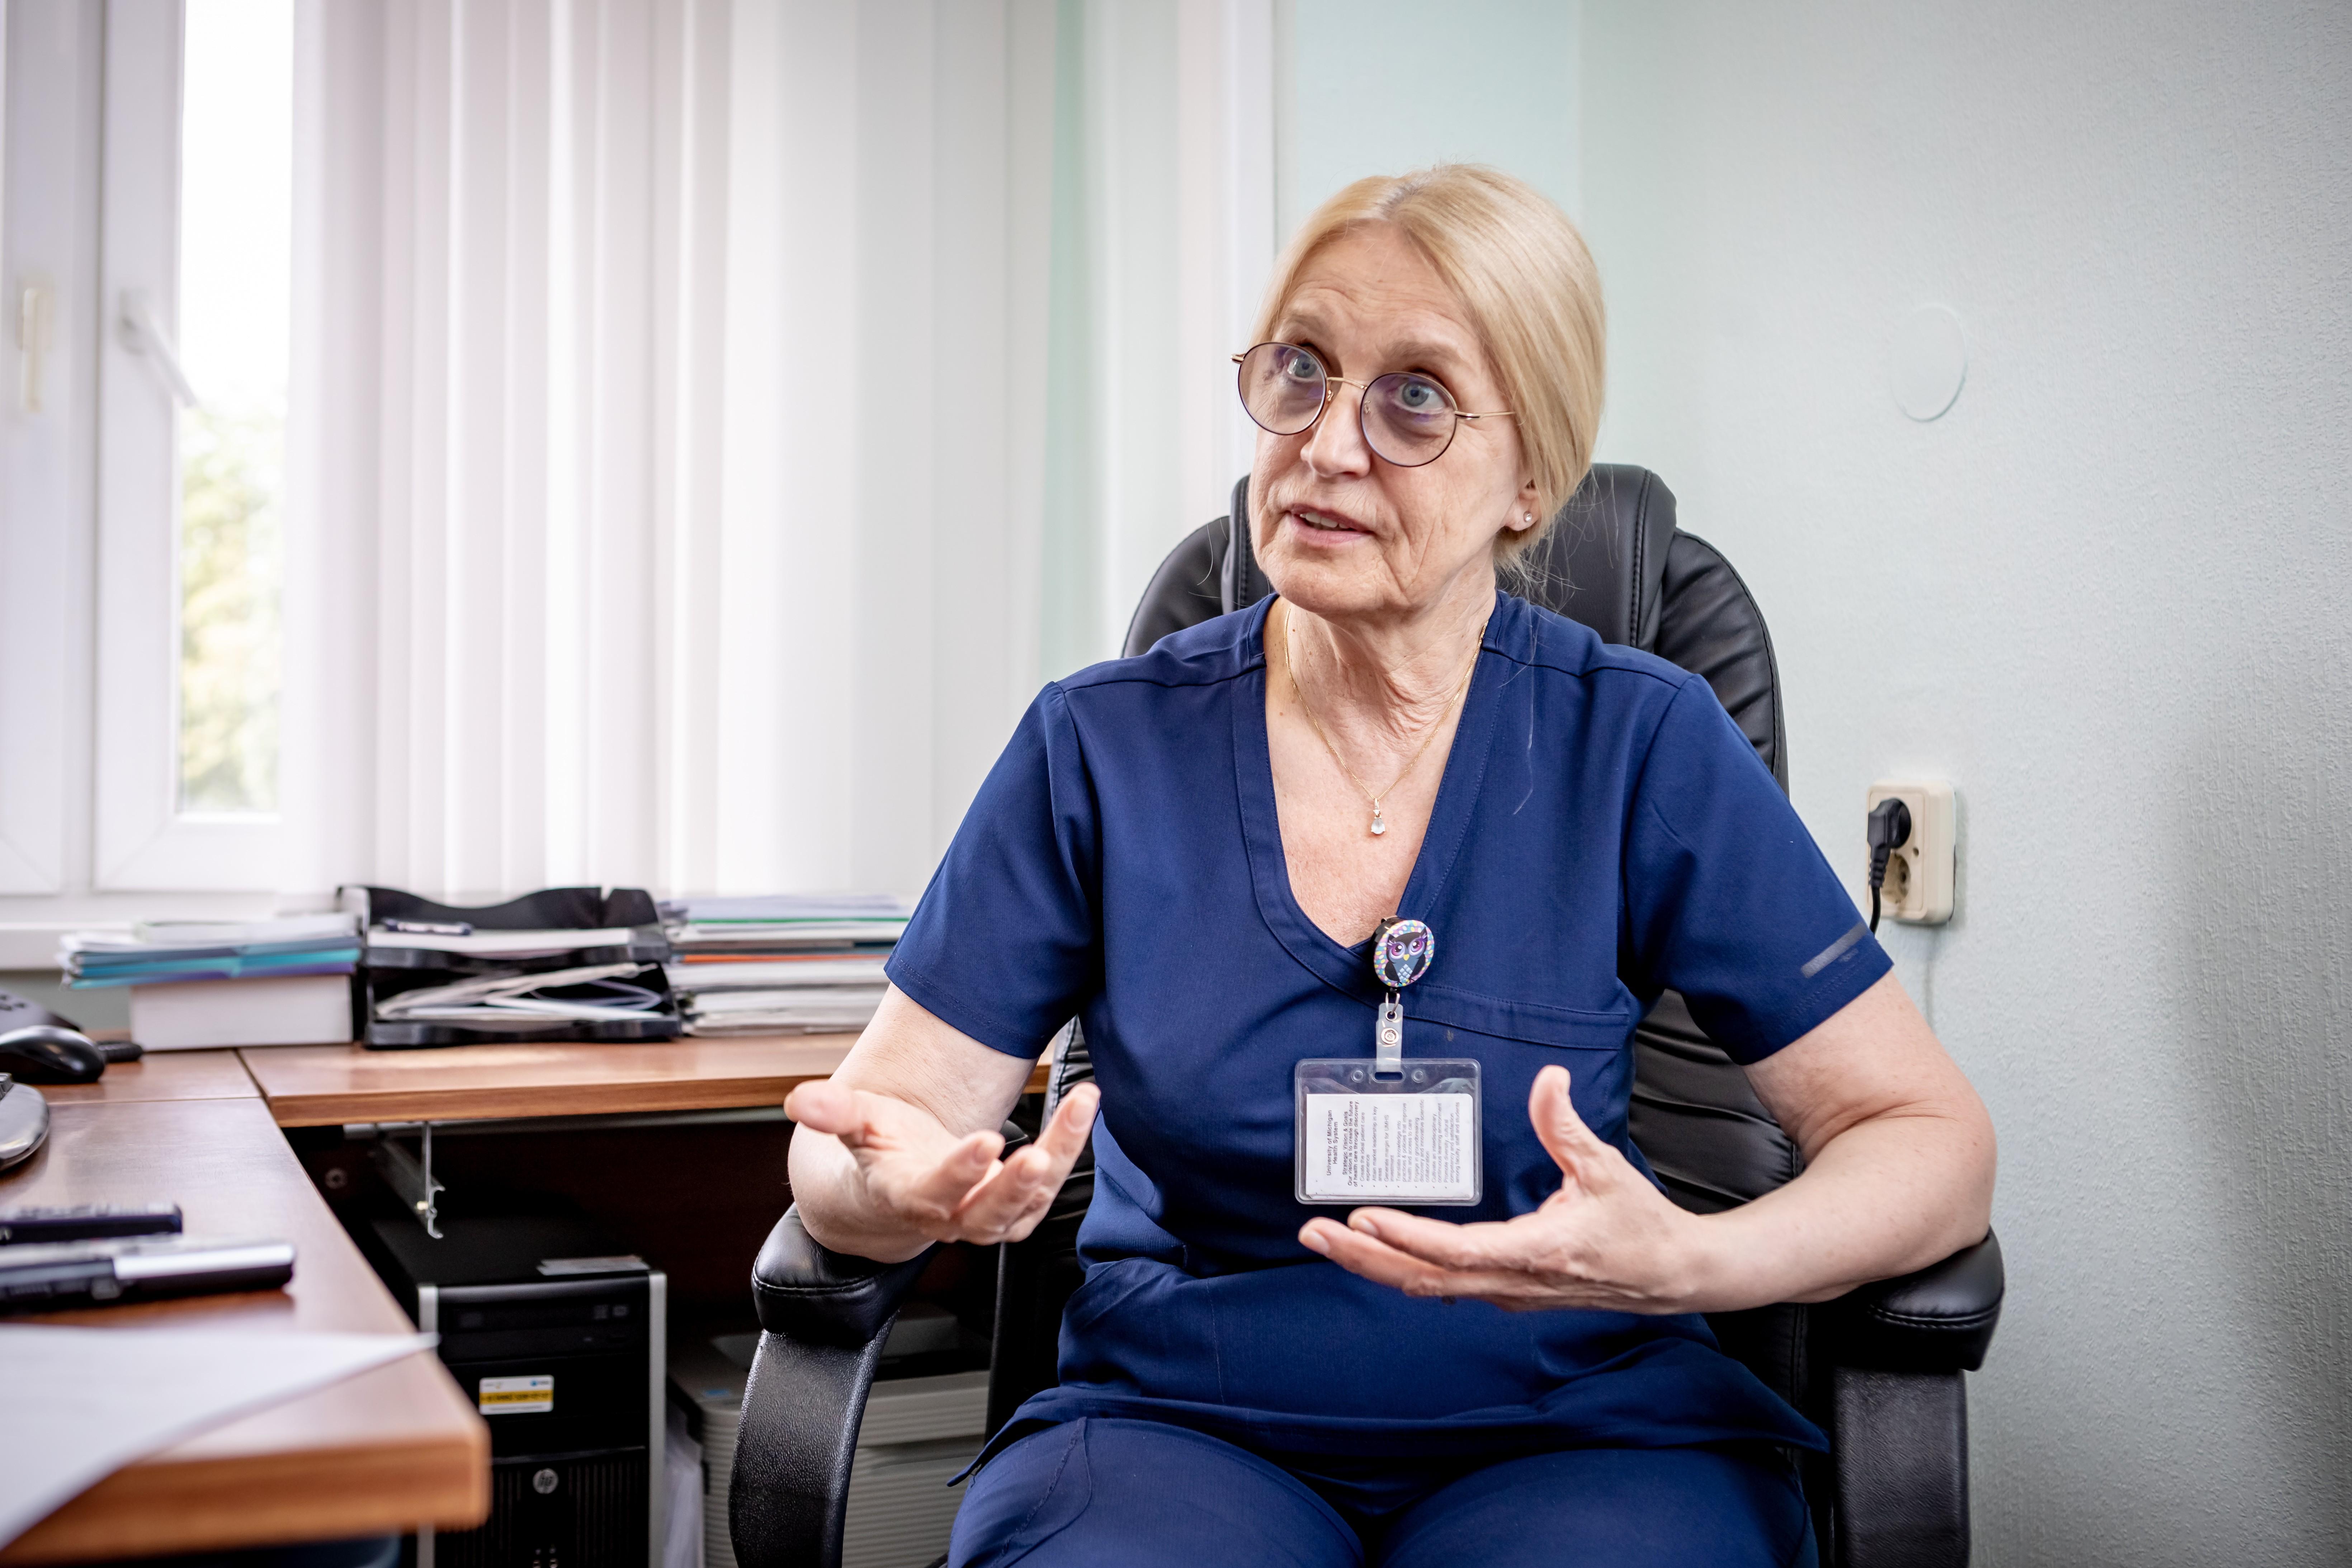 Делом всей жизни детского хирурга-комбустиолога Людмилы Будкевич стала врачебная специальность, которую не выбирают добровольно. Из которой как можно скорее бегут, если уж волей обстоятельств случилось в ней оказаться. Руководитель ожогового центра московской больницы №9 имени Г. Сперанского Людмила Будкевич рассказала, почему ожоговые больные – самые тяжёлые в хирургической практике, о том, как ещё 30 лет назад врачи воспринимали работу в ожоговых центрах как наказание и о заваленных пеплом детских вещах на месте страшнейшей в истории нашей страны железнодорожной катастрофы под Ашой.